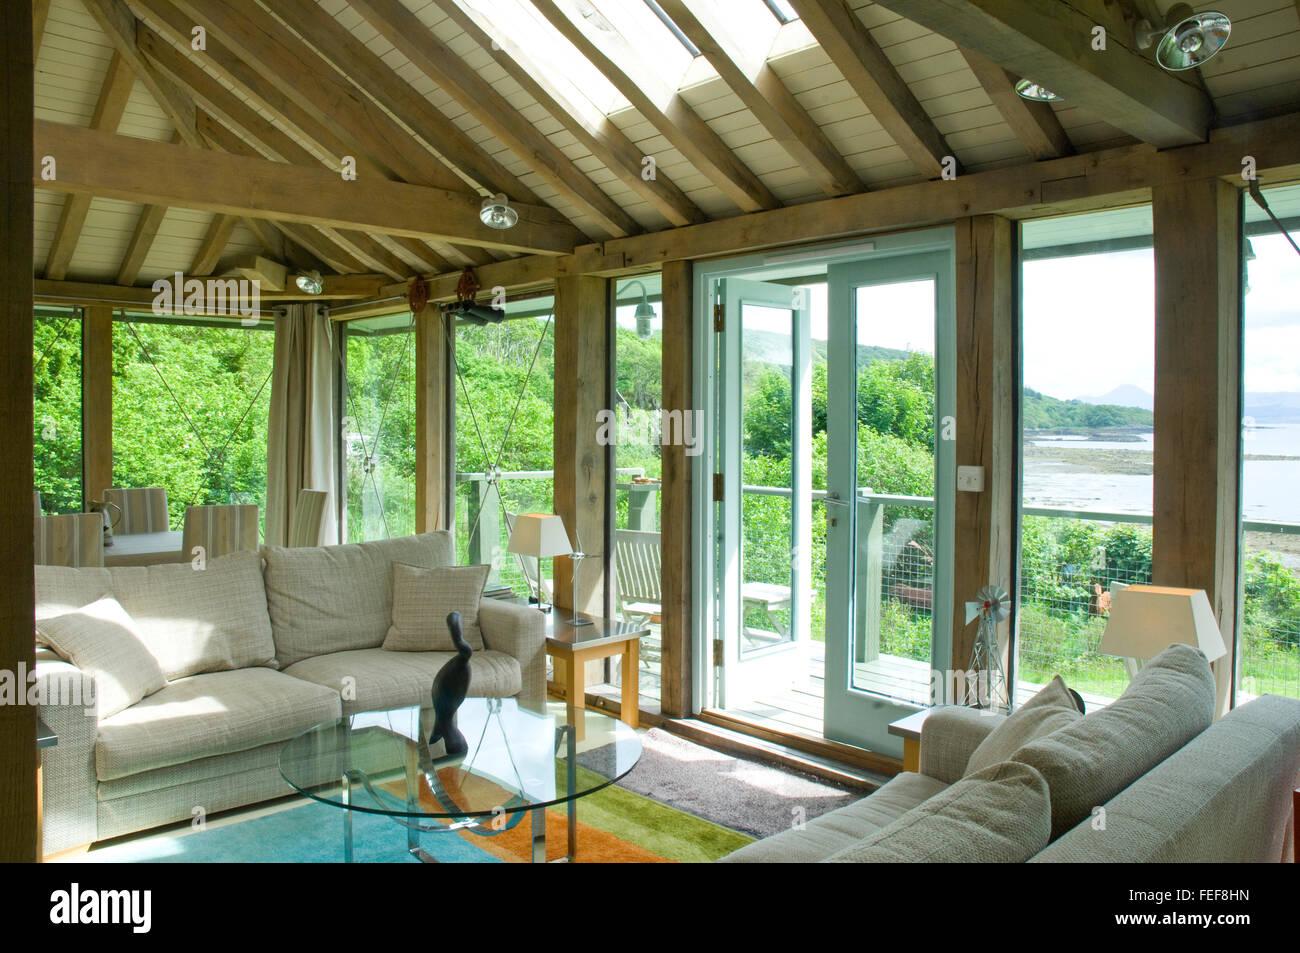 Wohnzimmer Komfortabel Gewolbte Wohnen Decke Holz Verglasungen